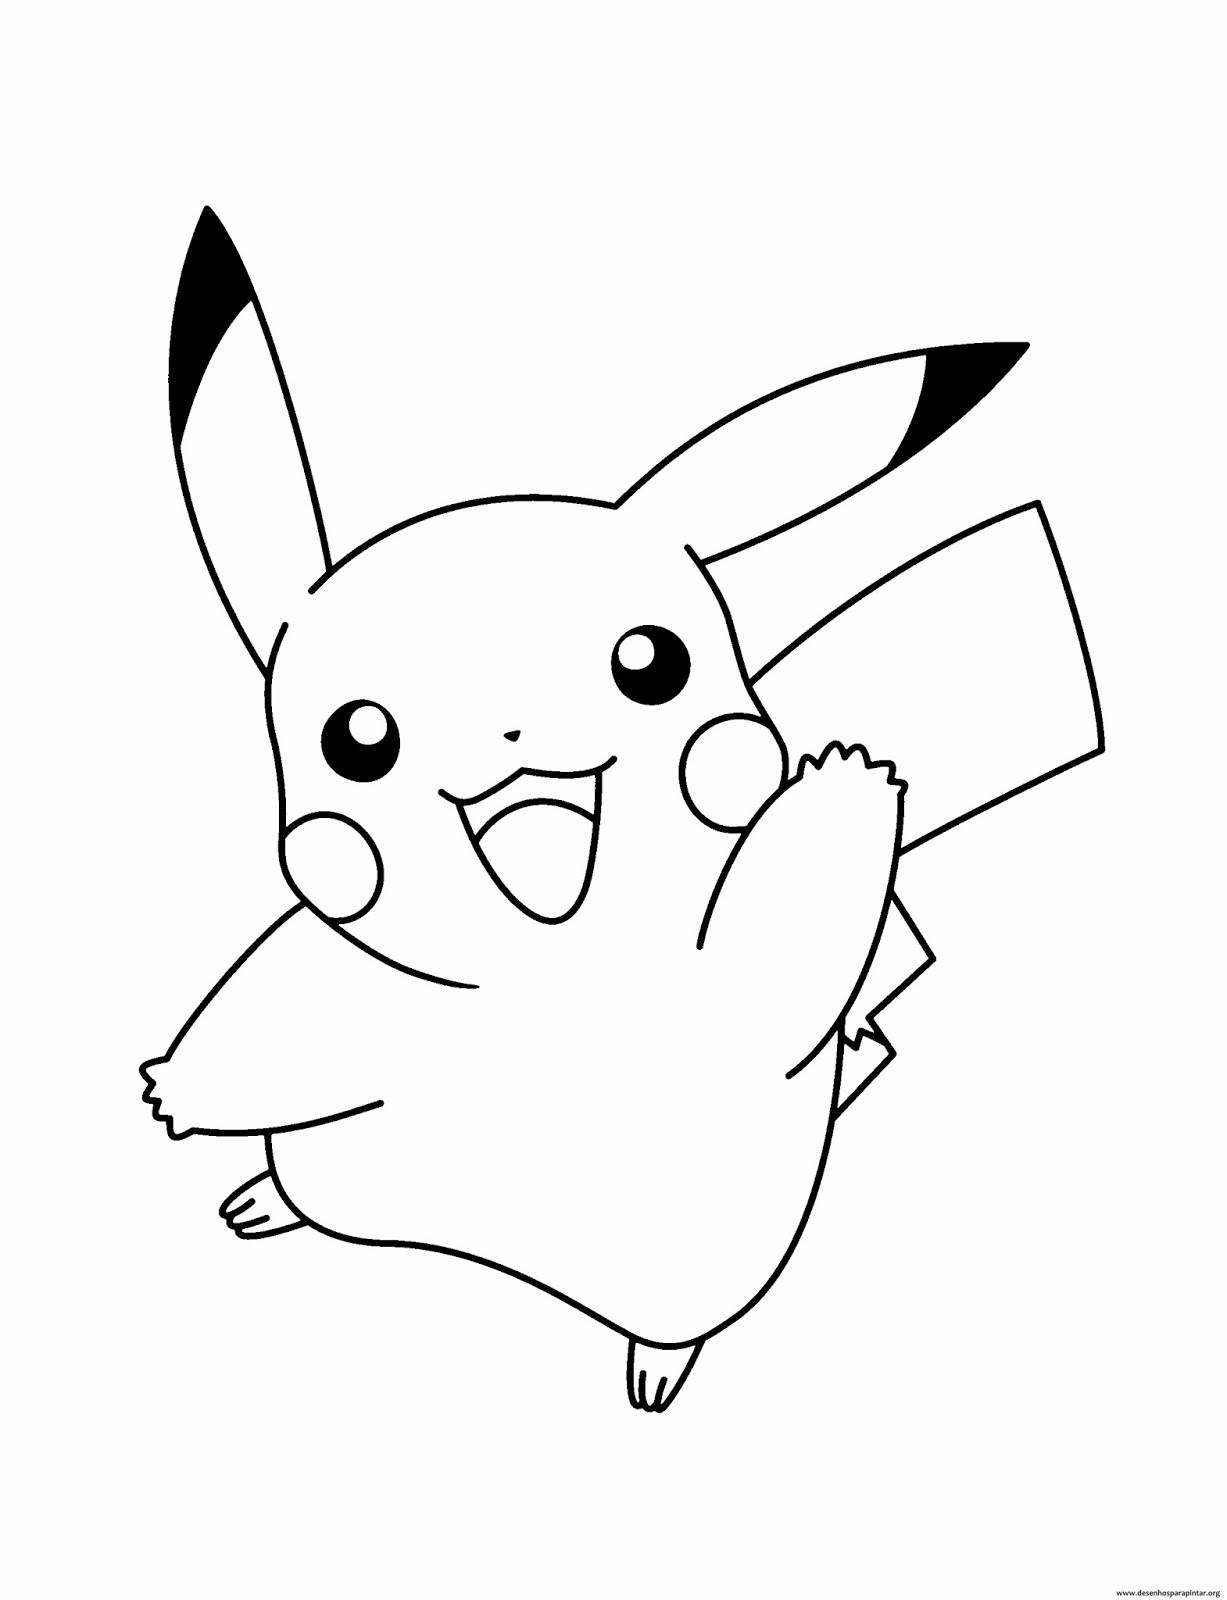 ausmalbilder pokemon mewtu einzigartig najlepiej